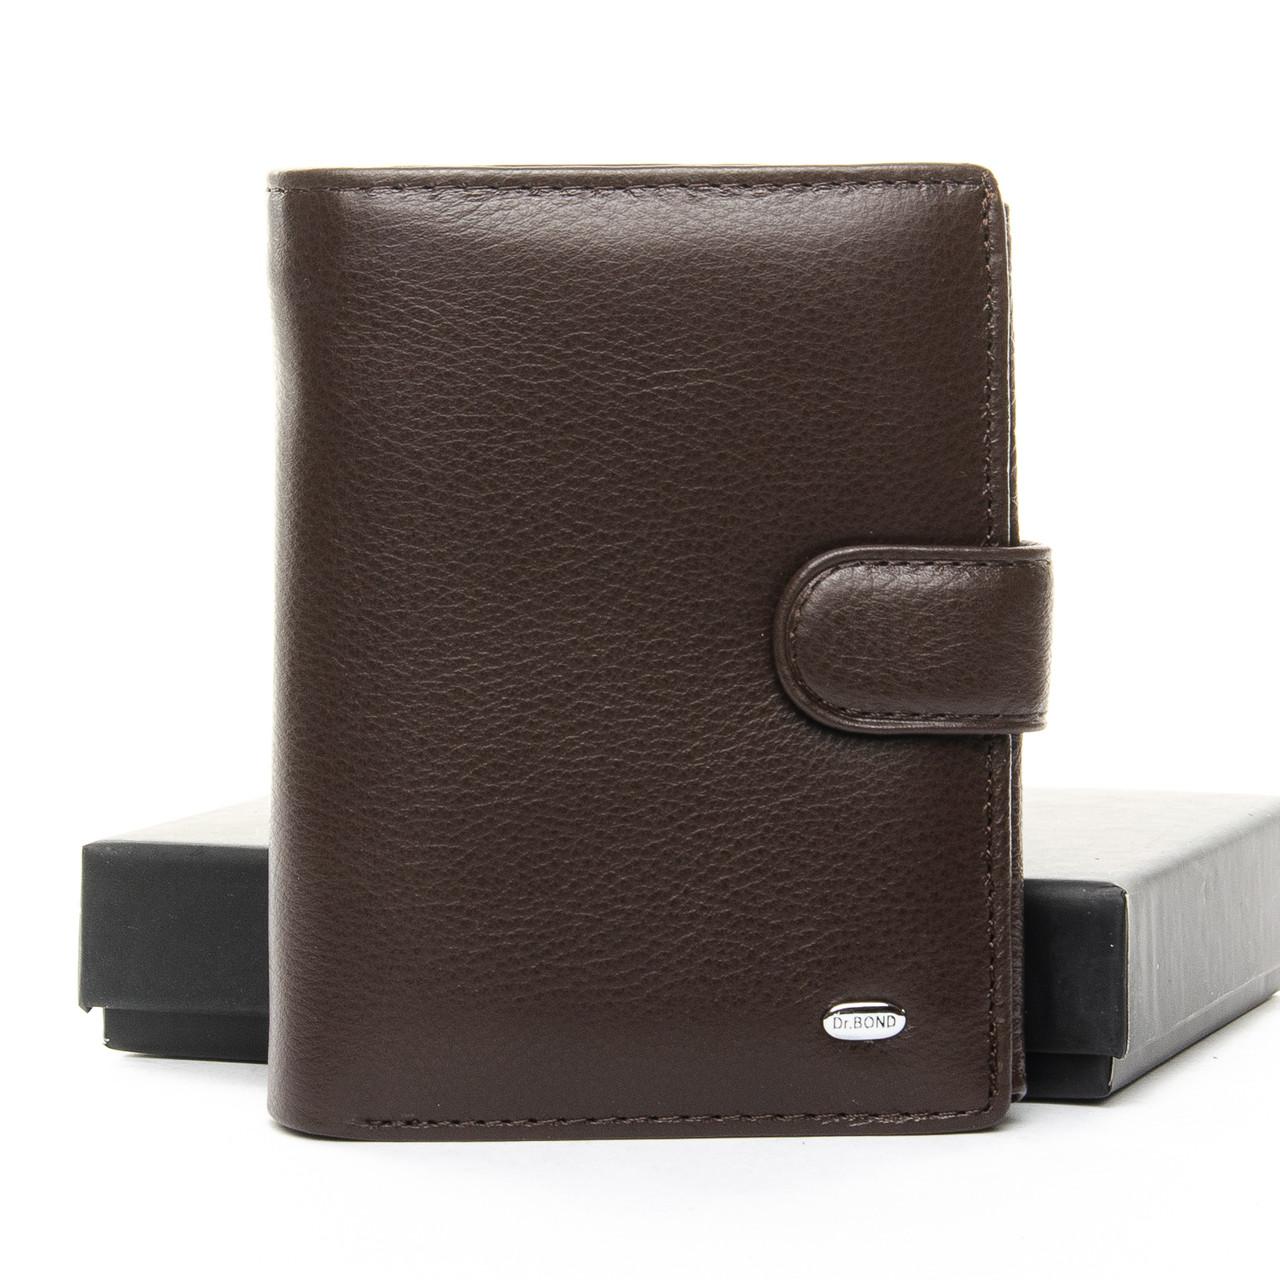 Натуральная кожаный мужской кошелек Dr.BOND М24 коричневый